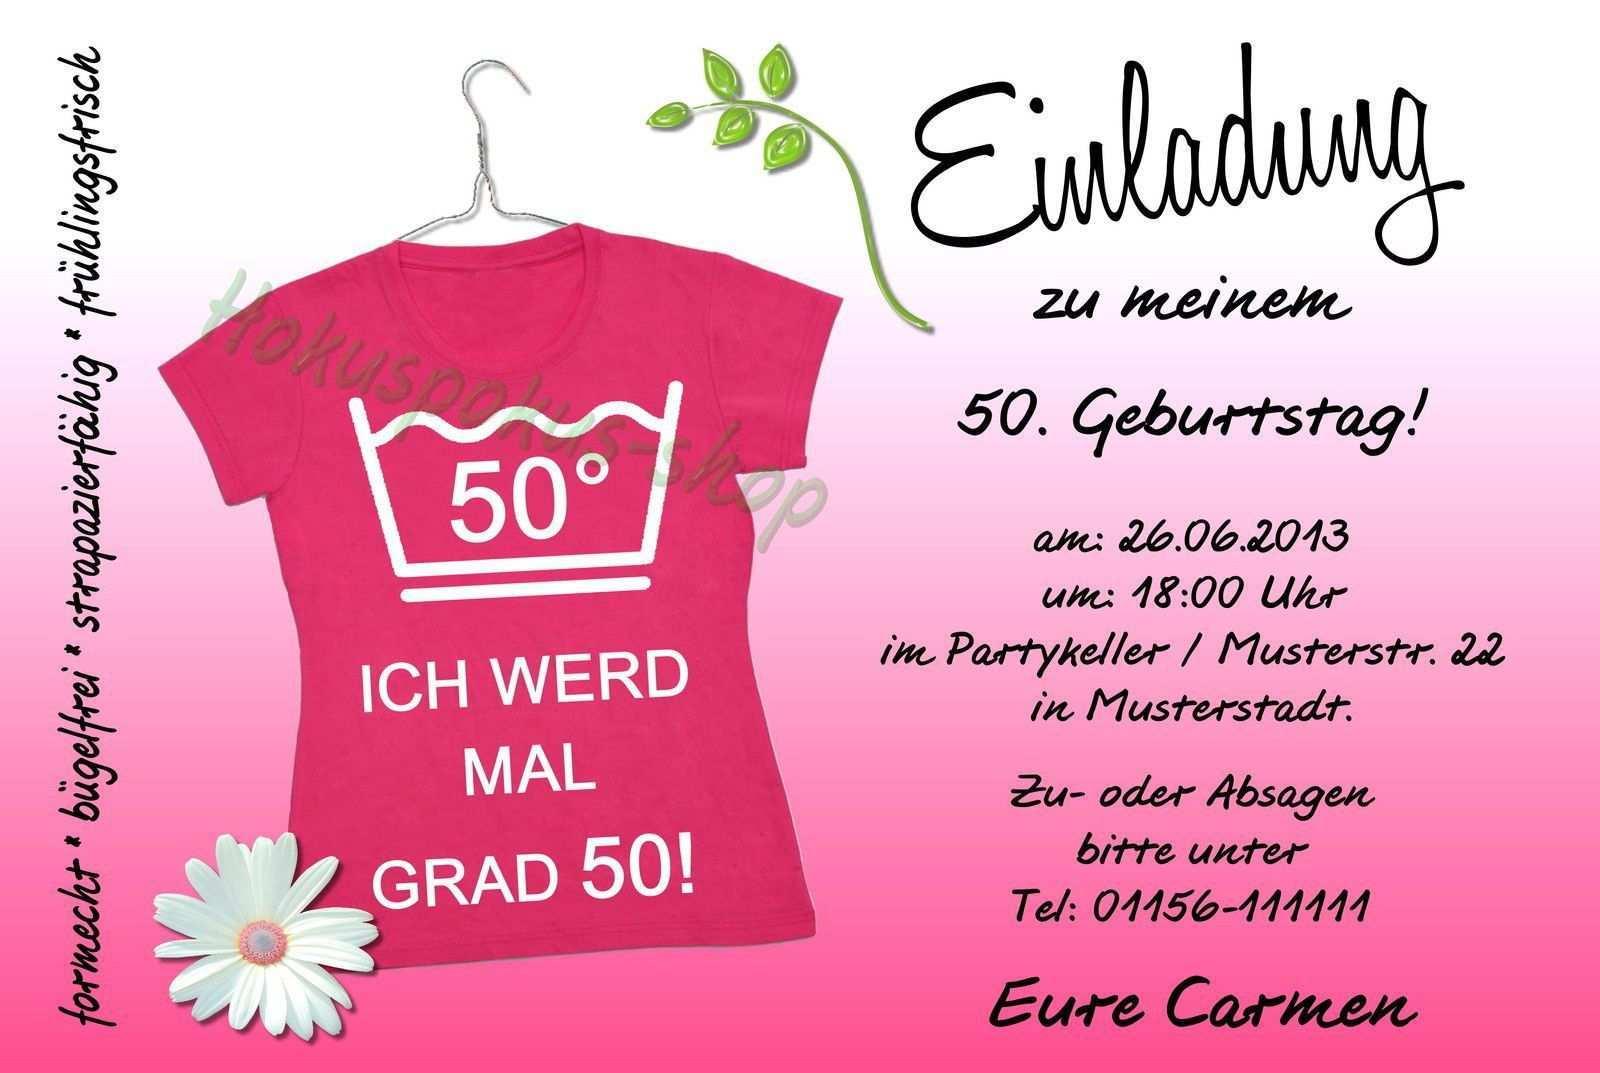 Einladungskarten Zum Geburtstag Einladungskarten Zum Geburtstag Selber Drucke Einladung Geburtstag Text Einladung 50 Geburtstag Geburtstag Einladung Vorlage